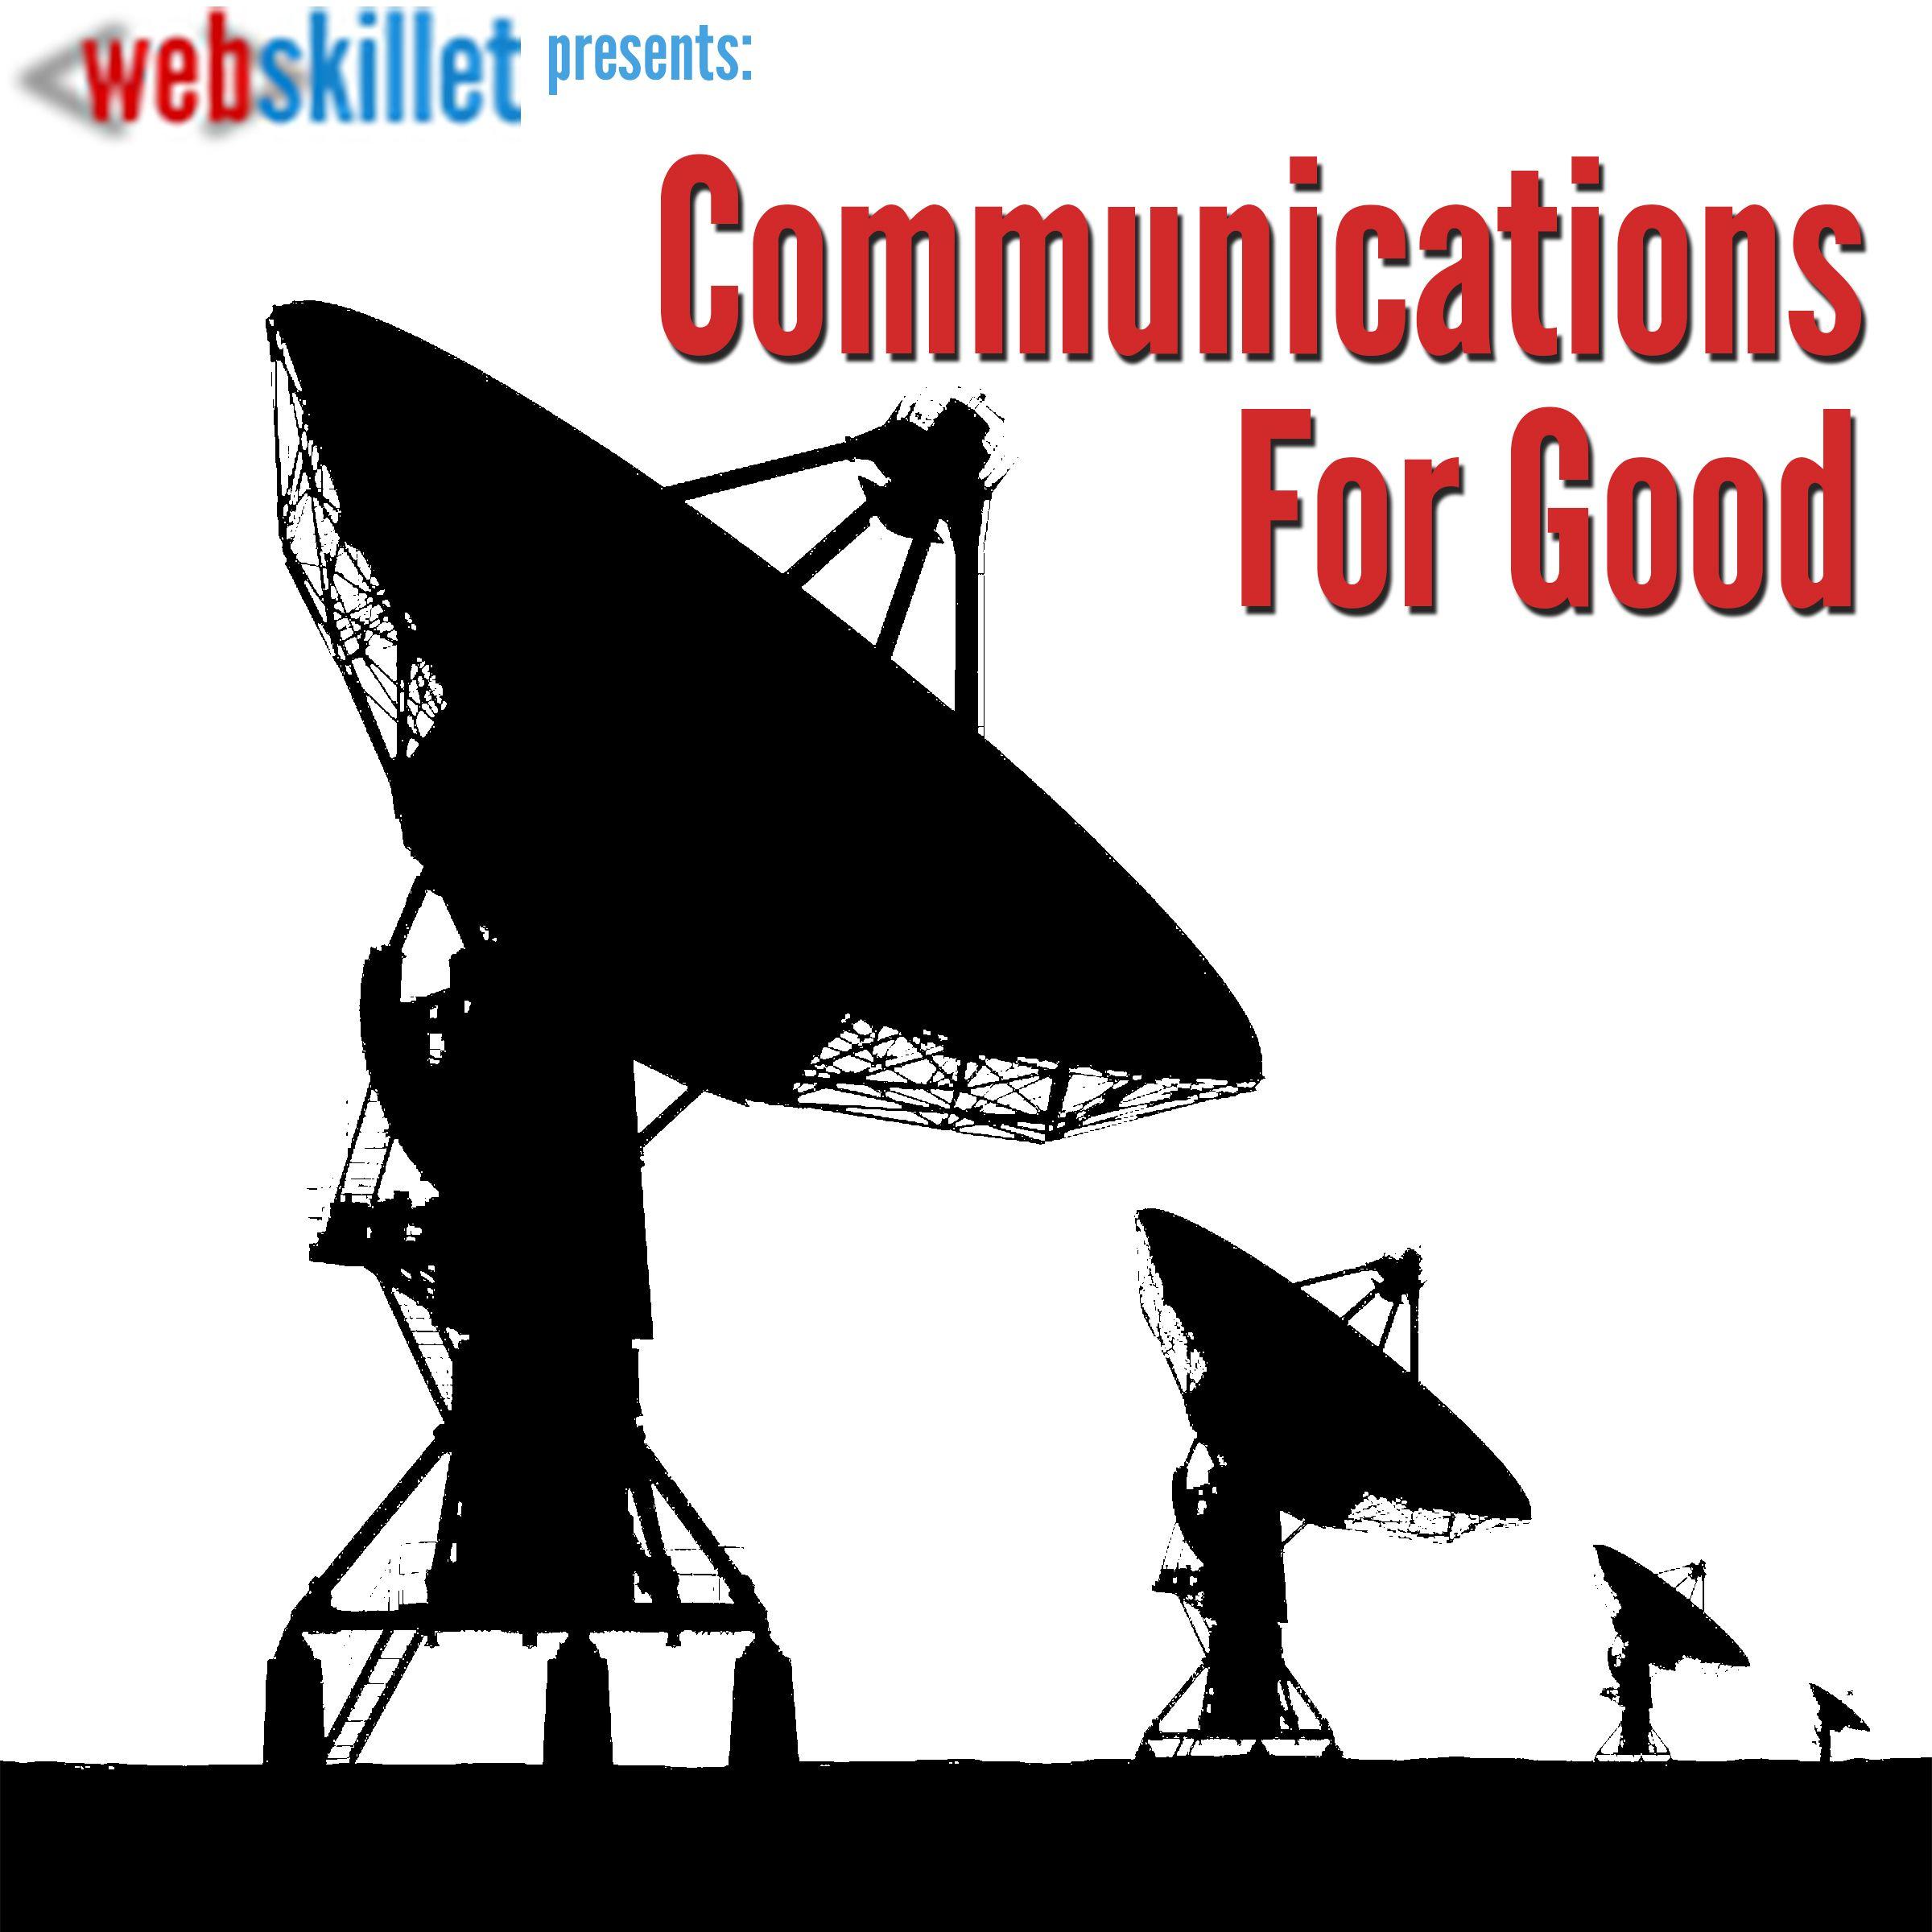 Webskillet hosts a monthly for good